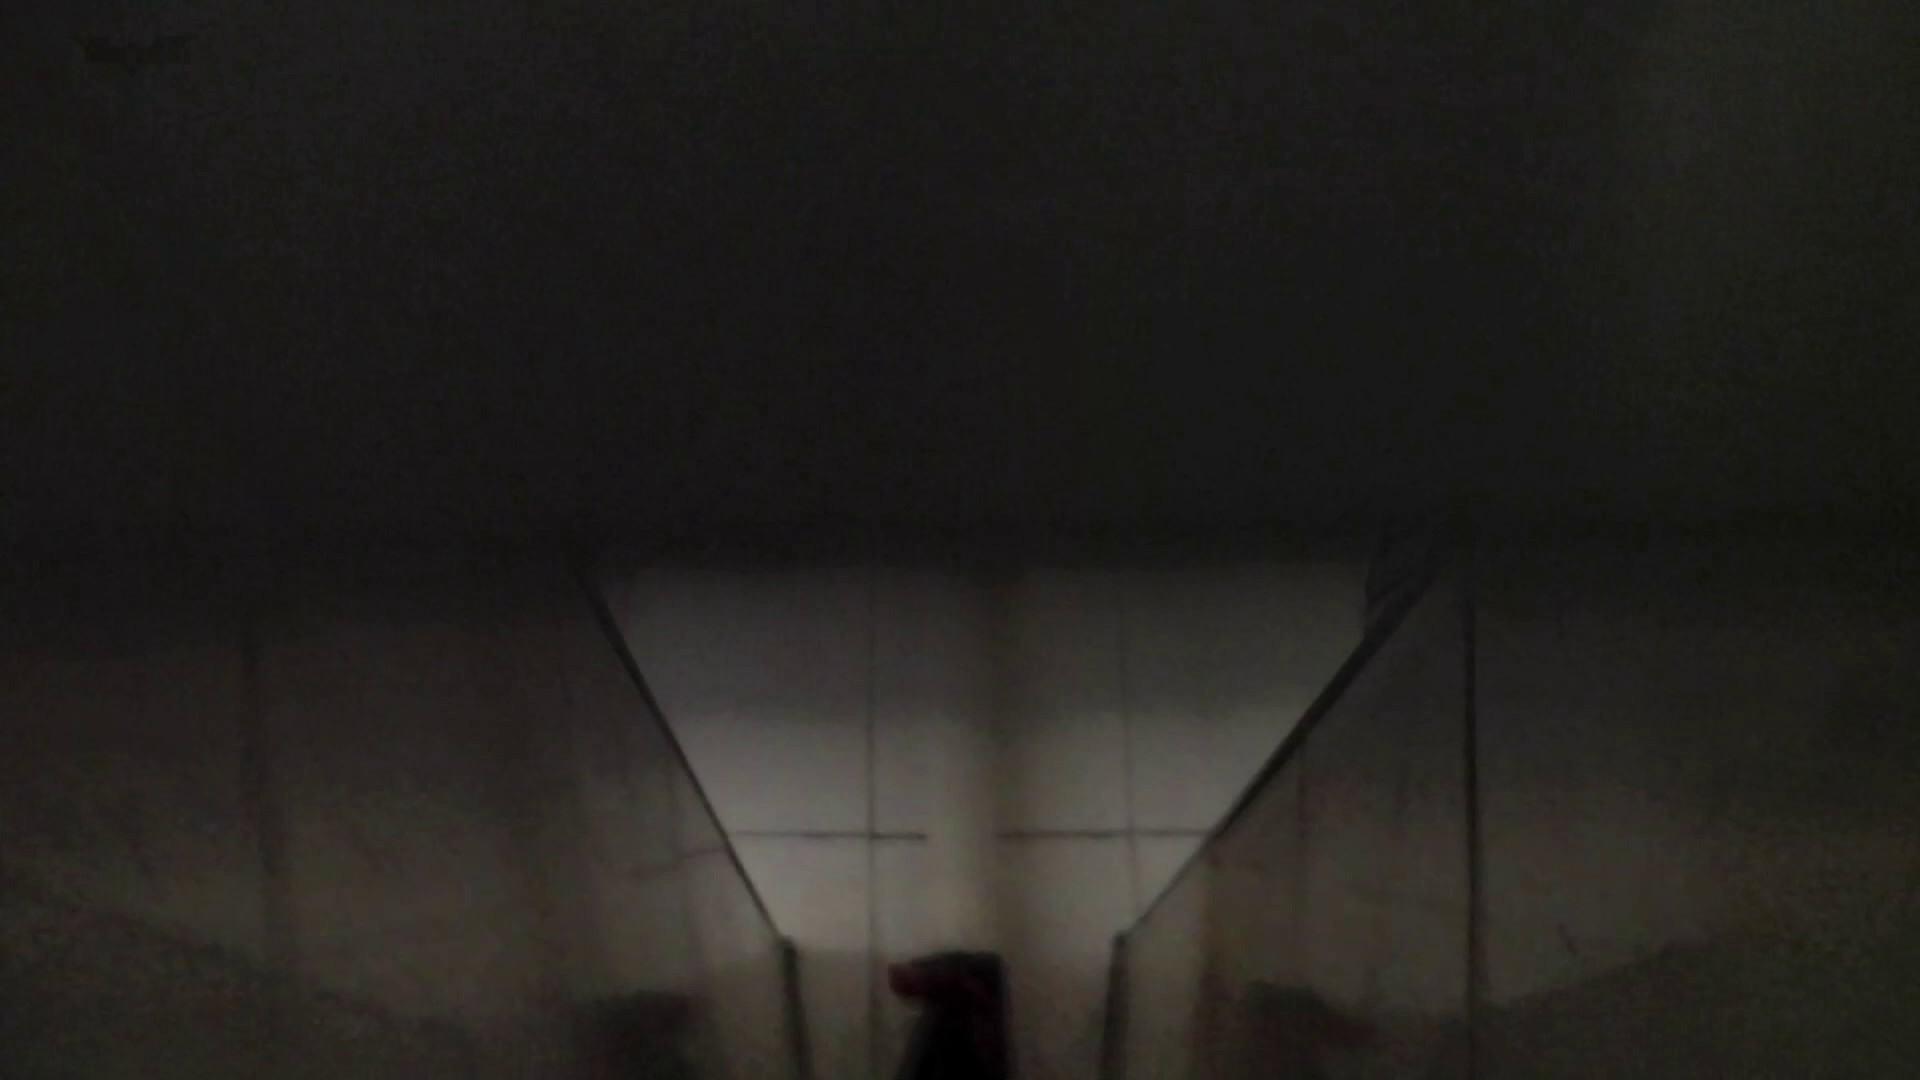 なんだこれVol.12 美魔女登場、 HD万歳!! 違いが判る映像美!! エロくん潜入 おまんこ無修正動画無料 102連発 83